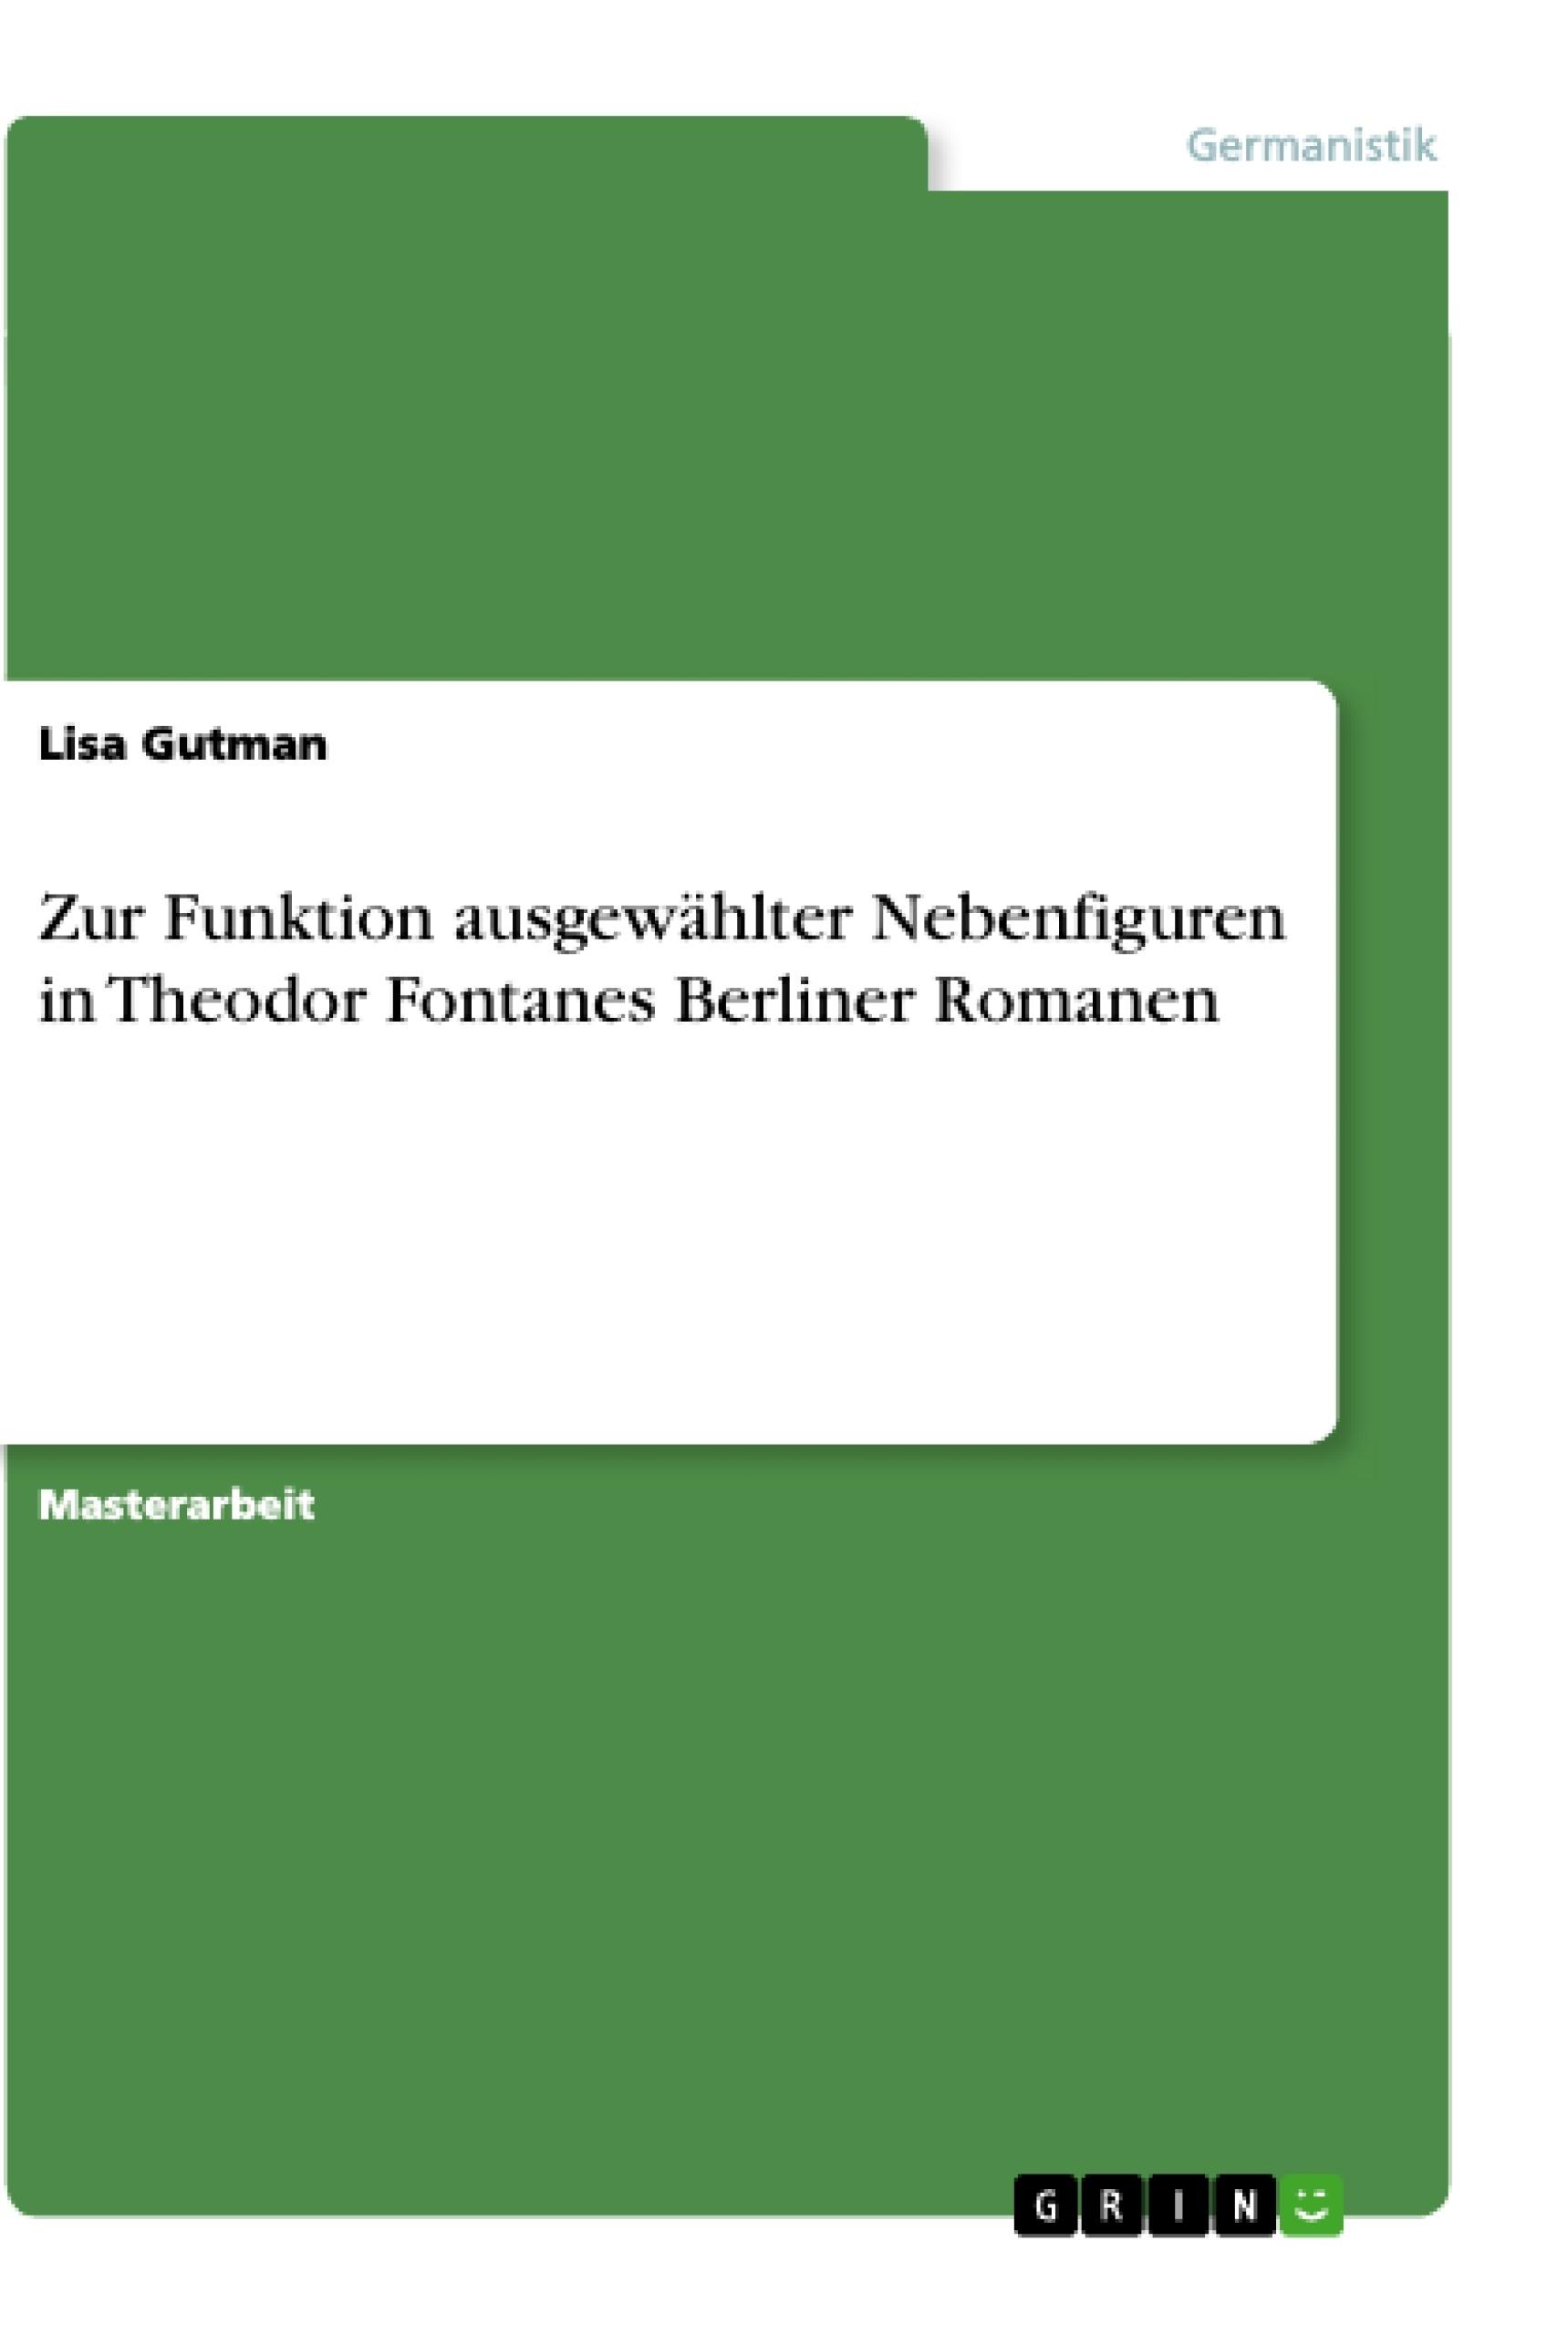 Titel: Zur Funktion ausgewählter Nebenfiguren in Theodor Fontanes Berliner Romanen